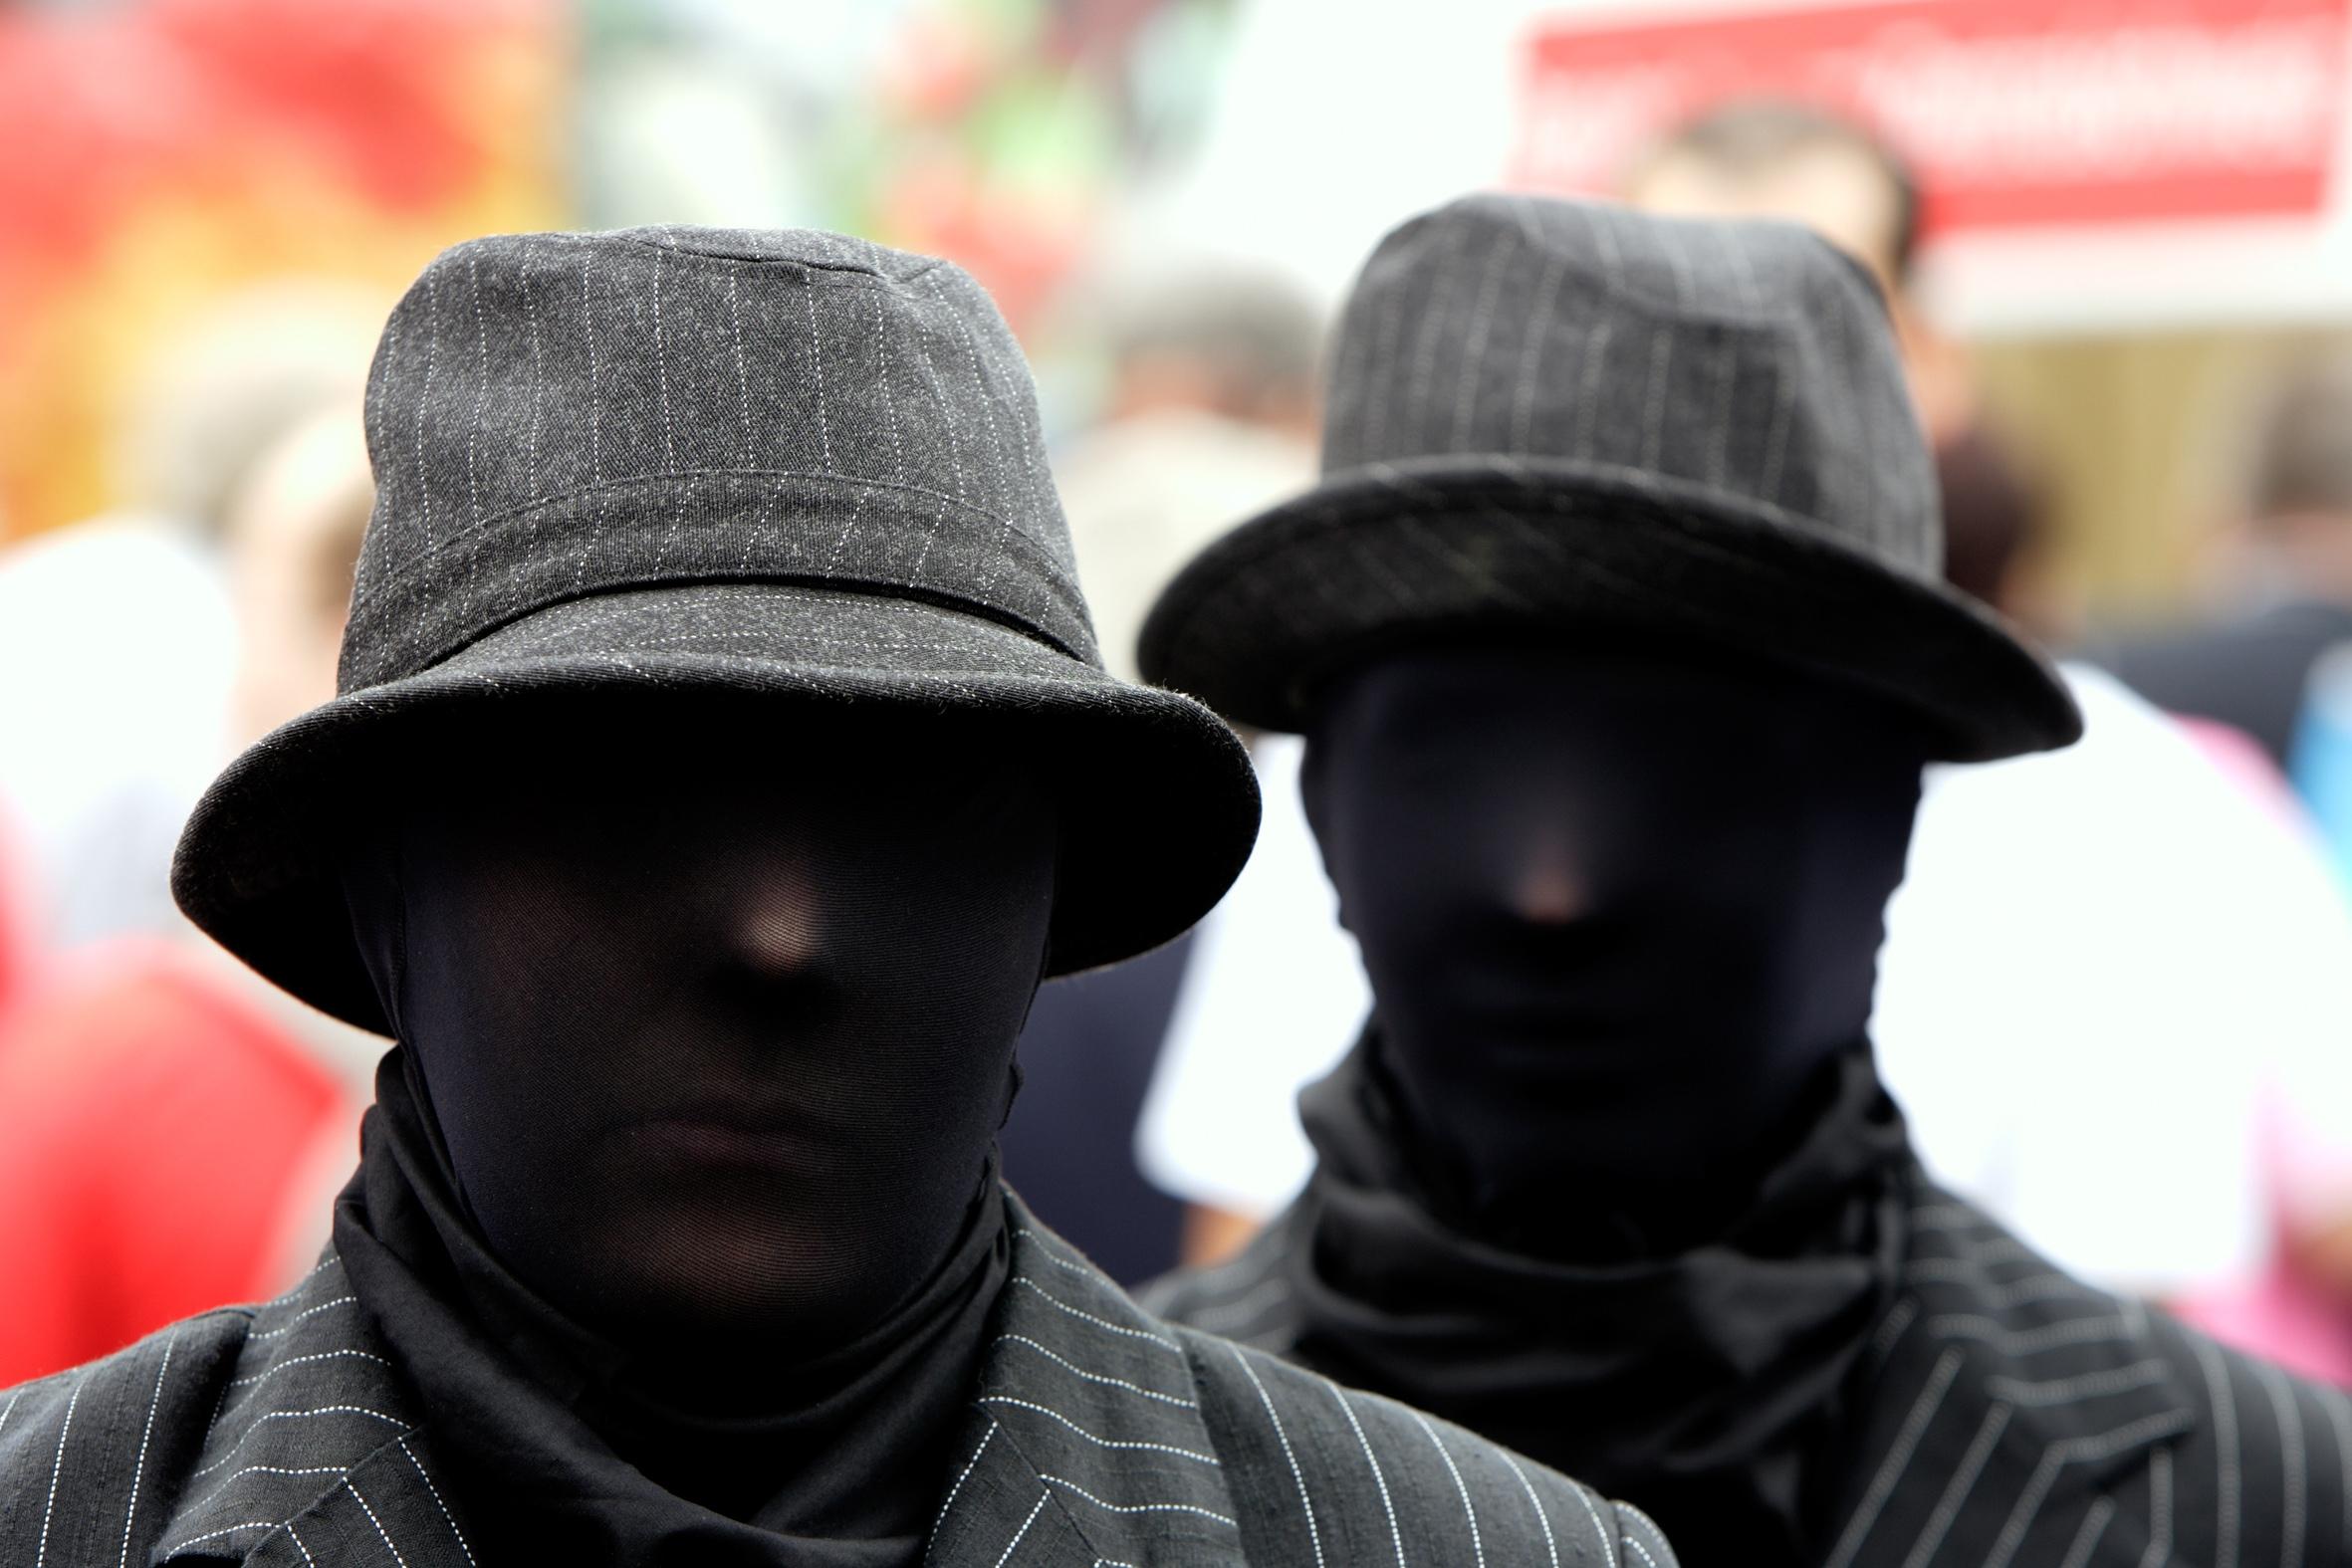 Ограбление в Харькове. Налетчики жестоко поиздевались над жертвой